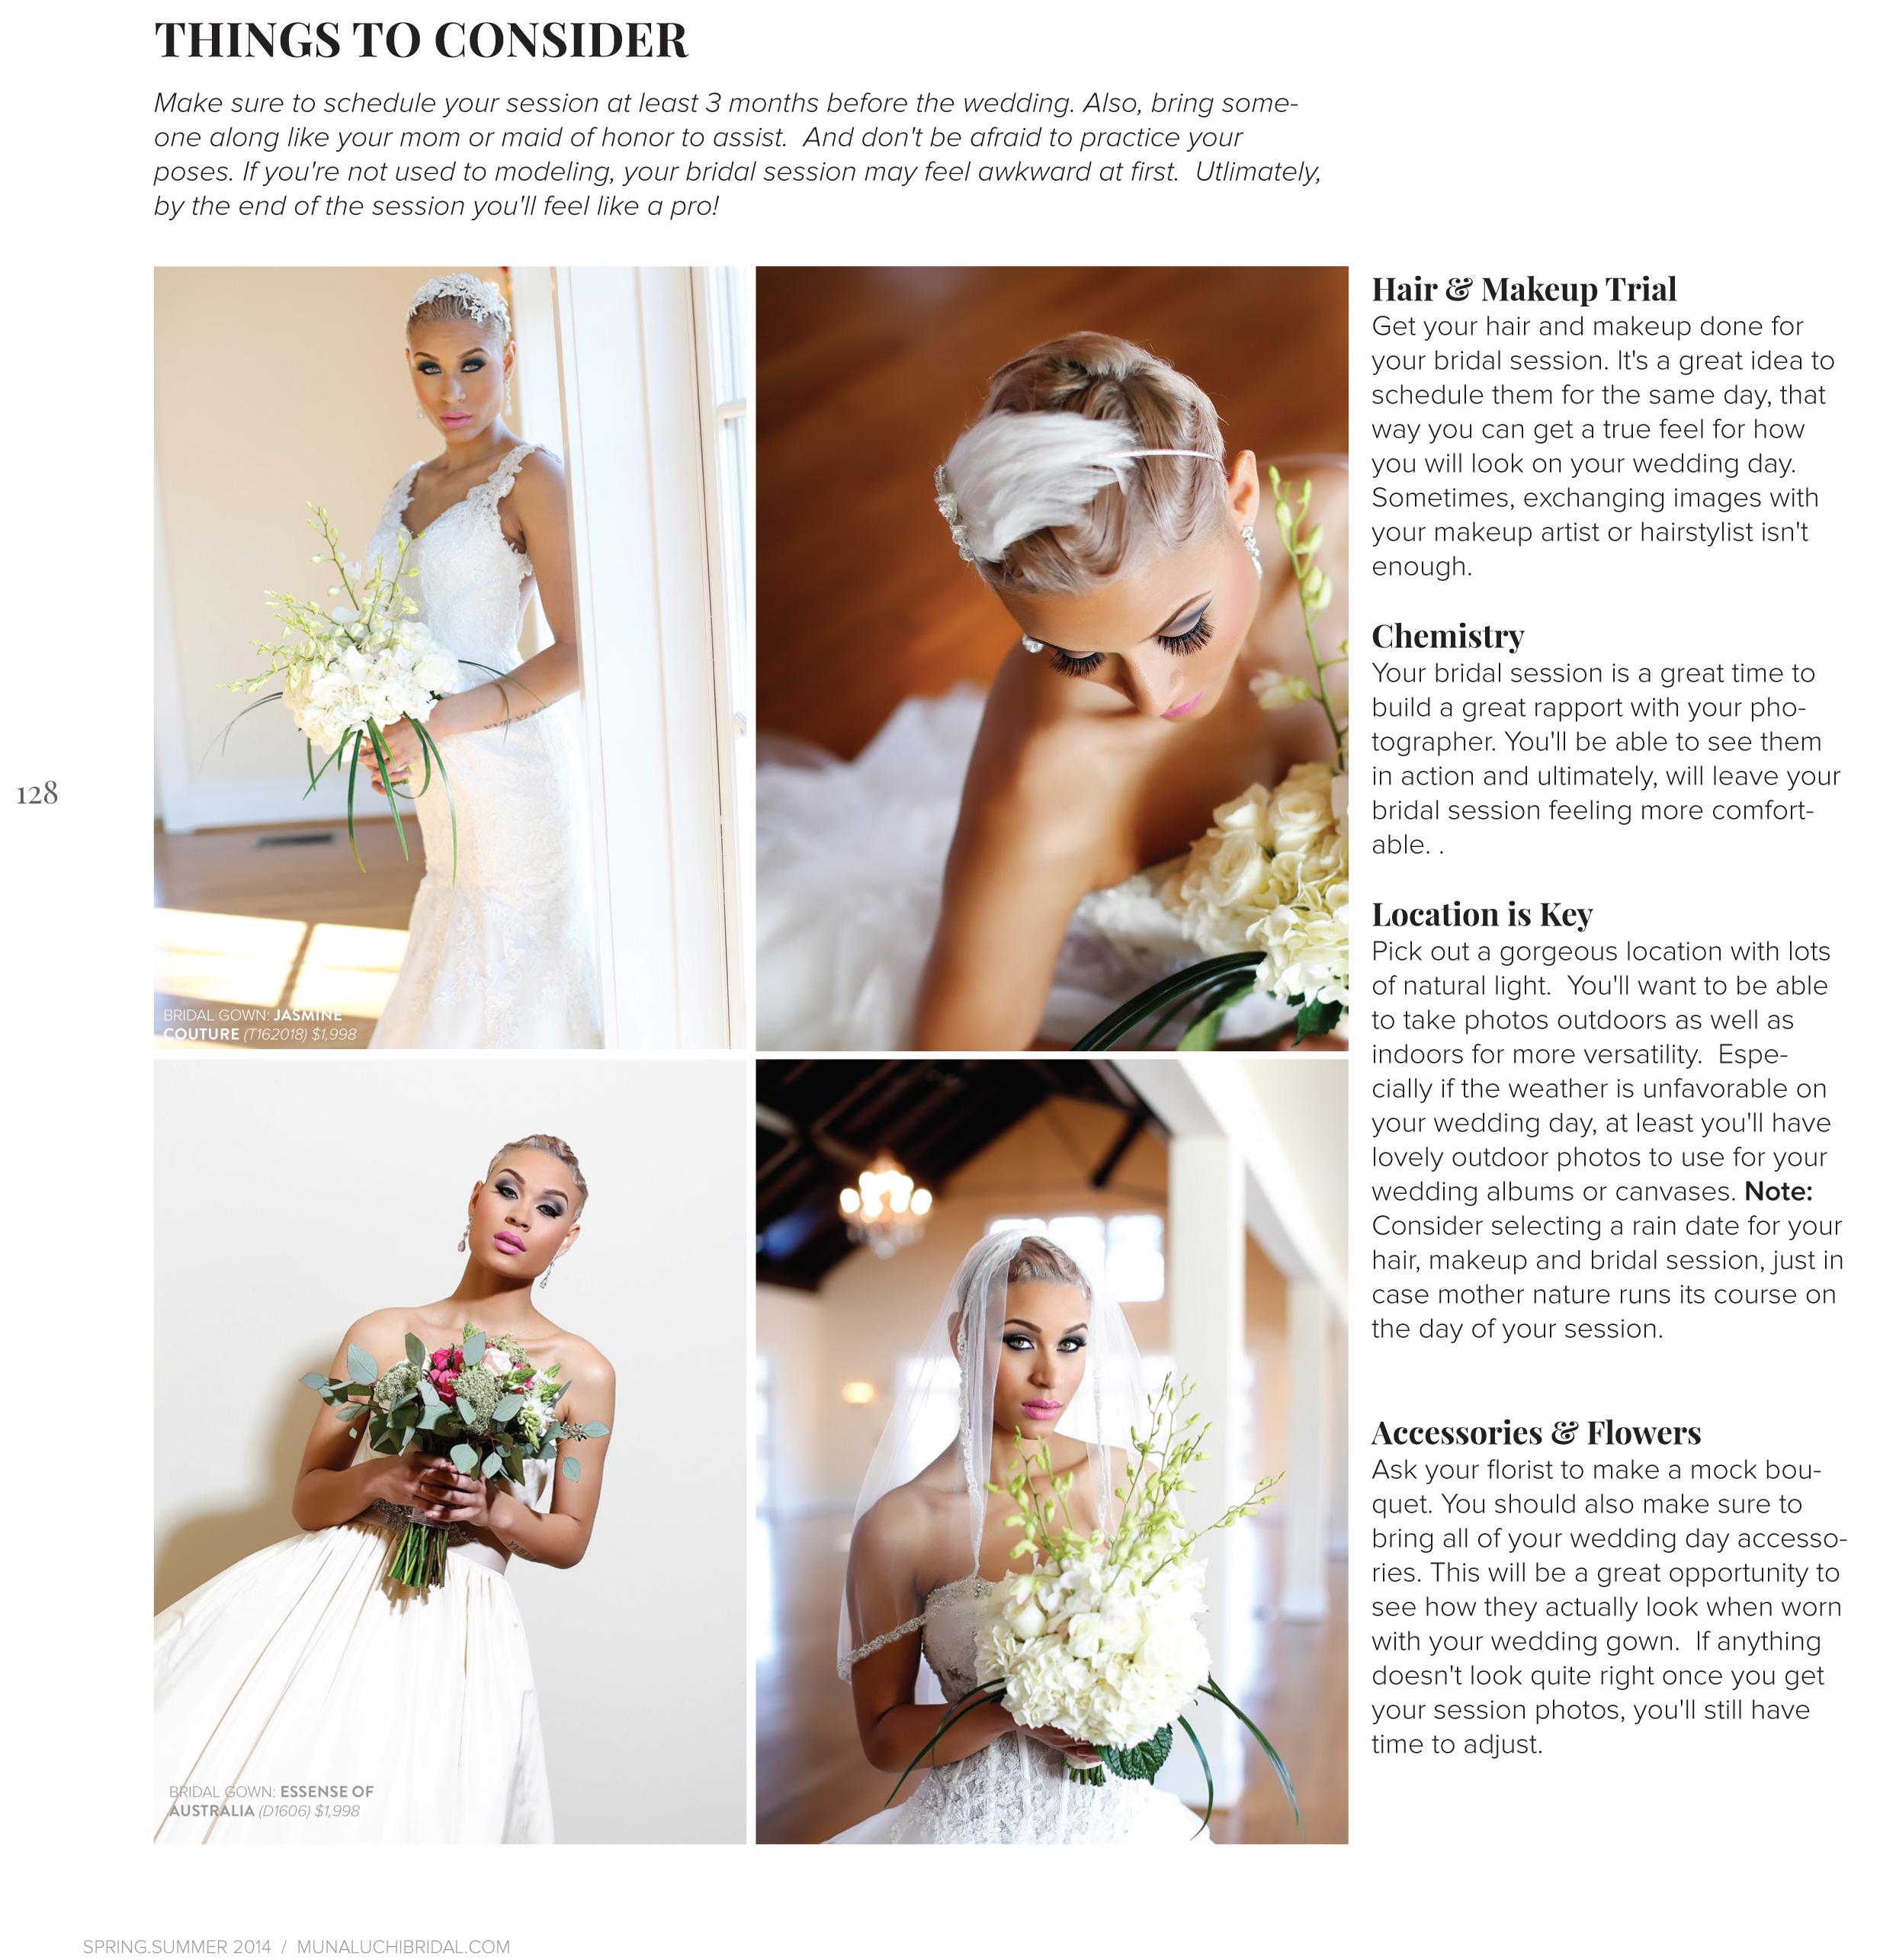 Cephus' Editorial Shoot Featured in Munaluchi Magazine!